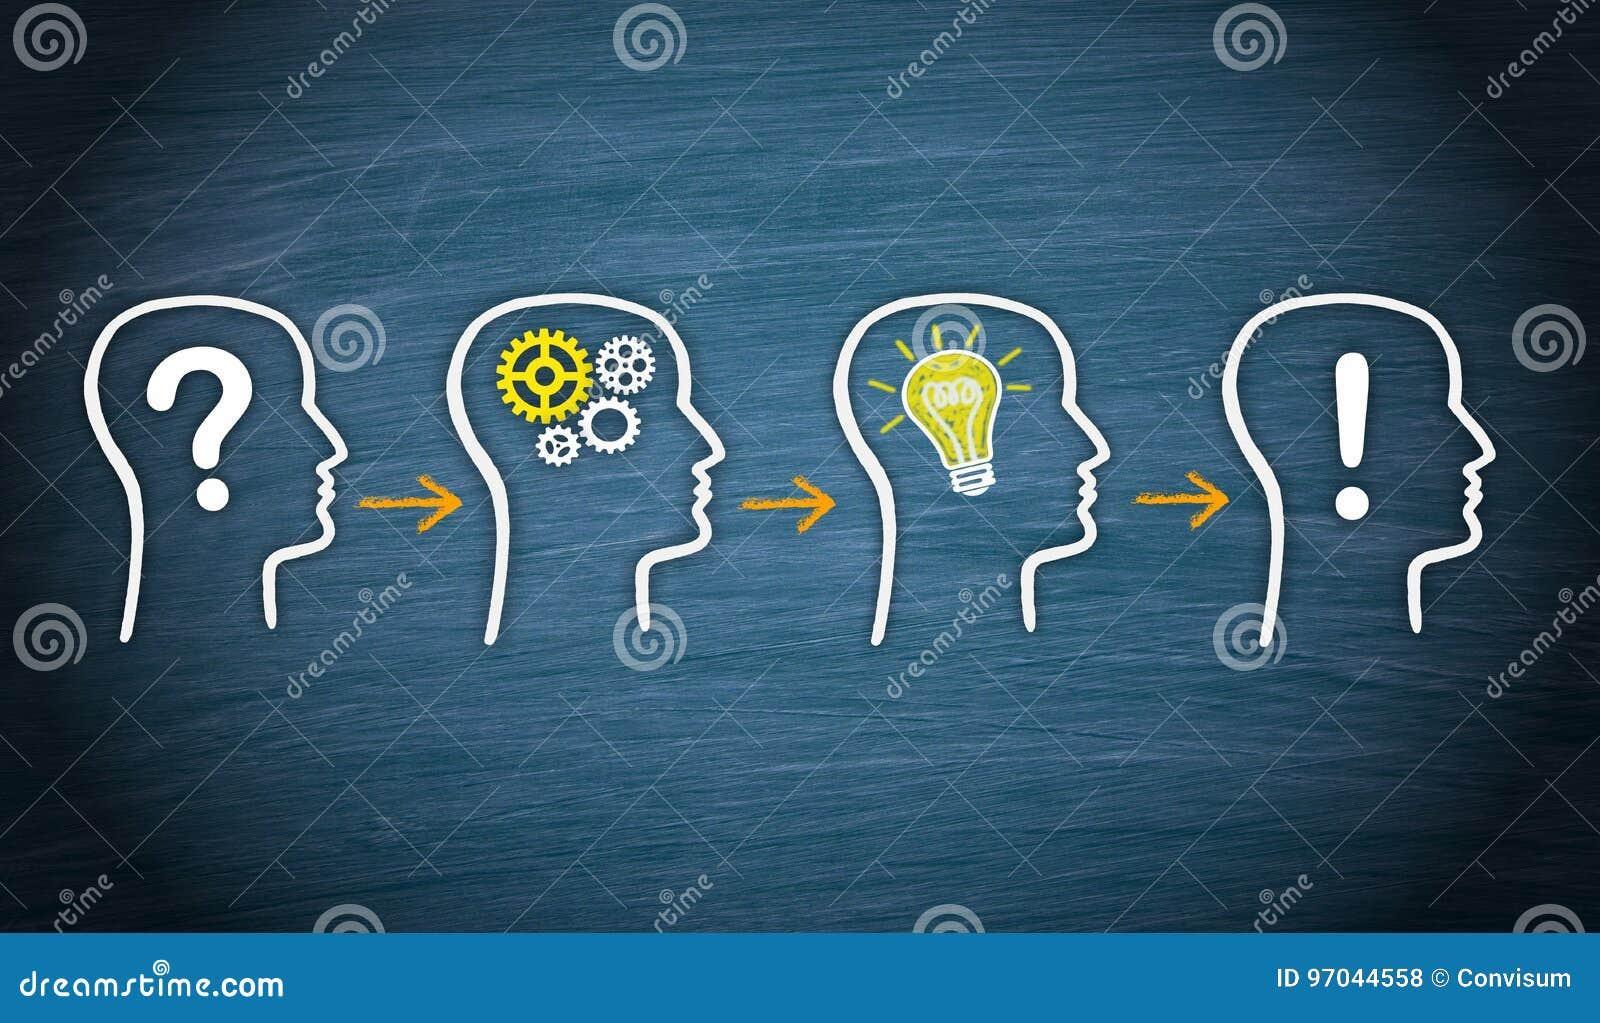 Проблема, думает, идея, решение - концепция дела